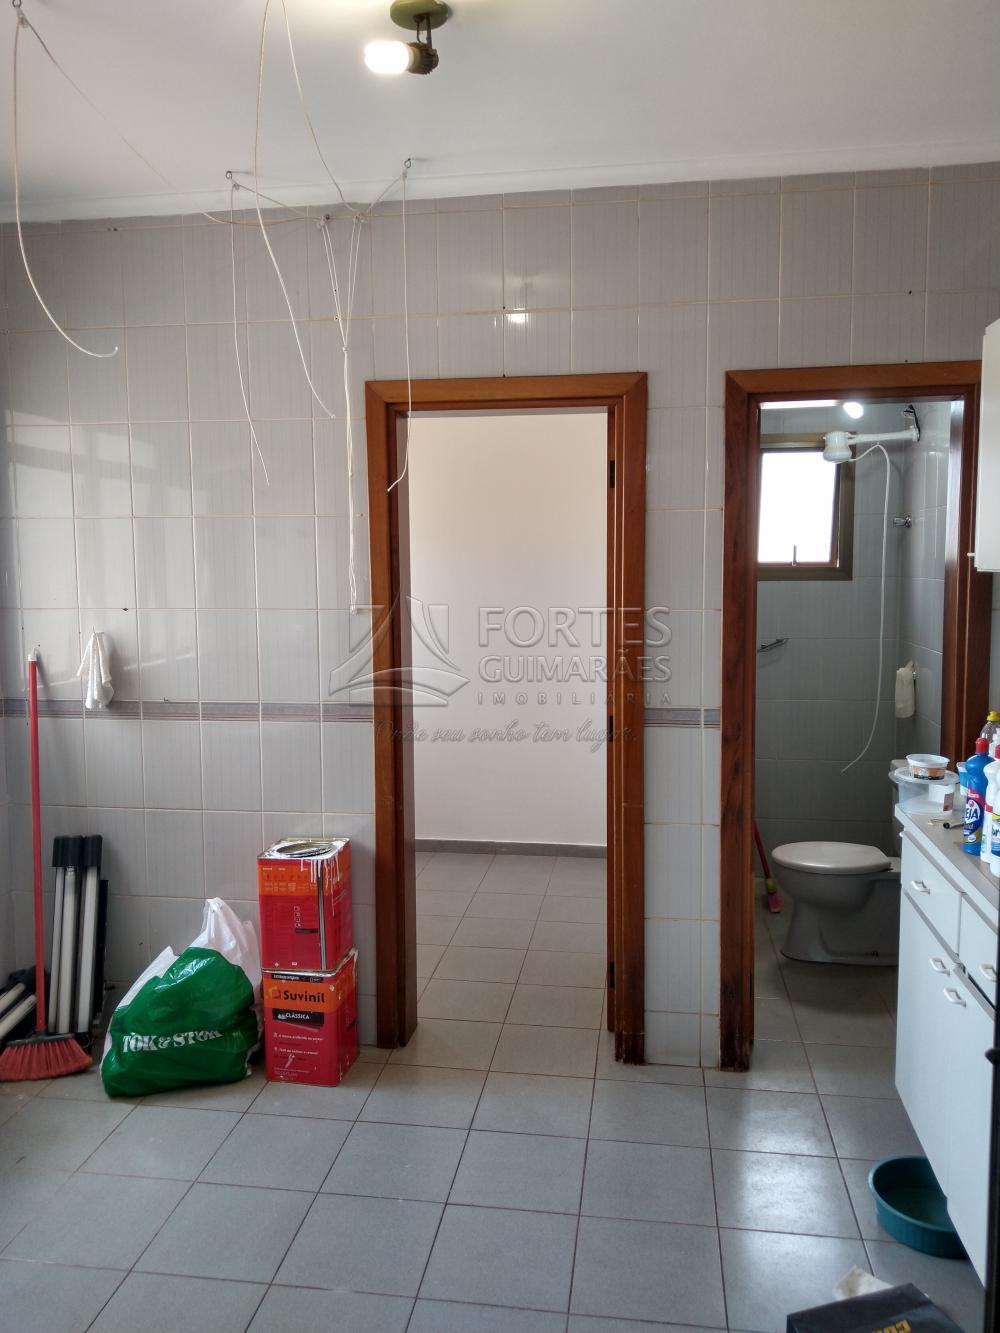 Alugar Apartamentos / Padrão em Ribeirão Preto apenas R$ 1.700,00 - Foto 50